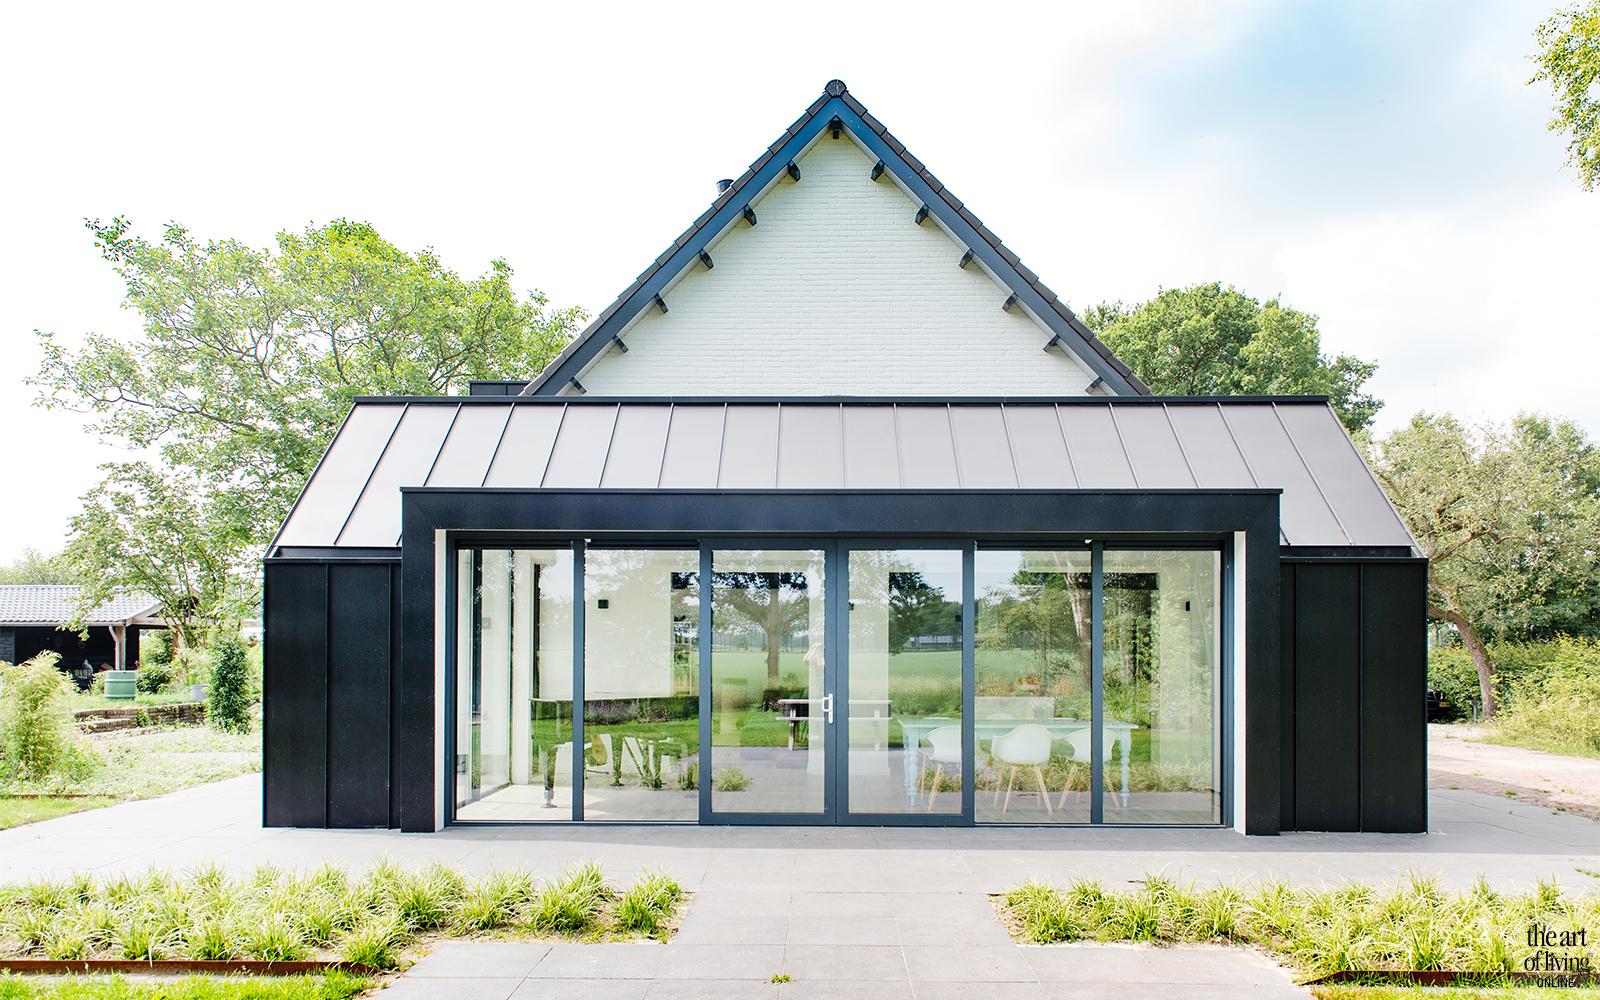 landelijke stijl, A&R10, kangoeroewoning, moderne boerderij, witte villa